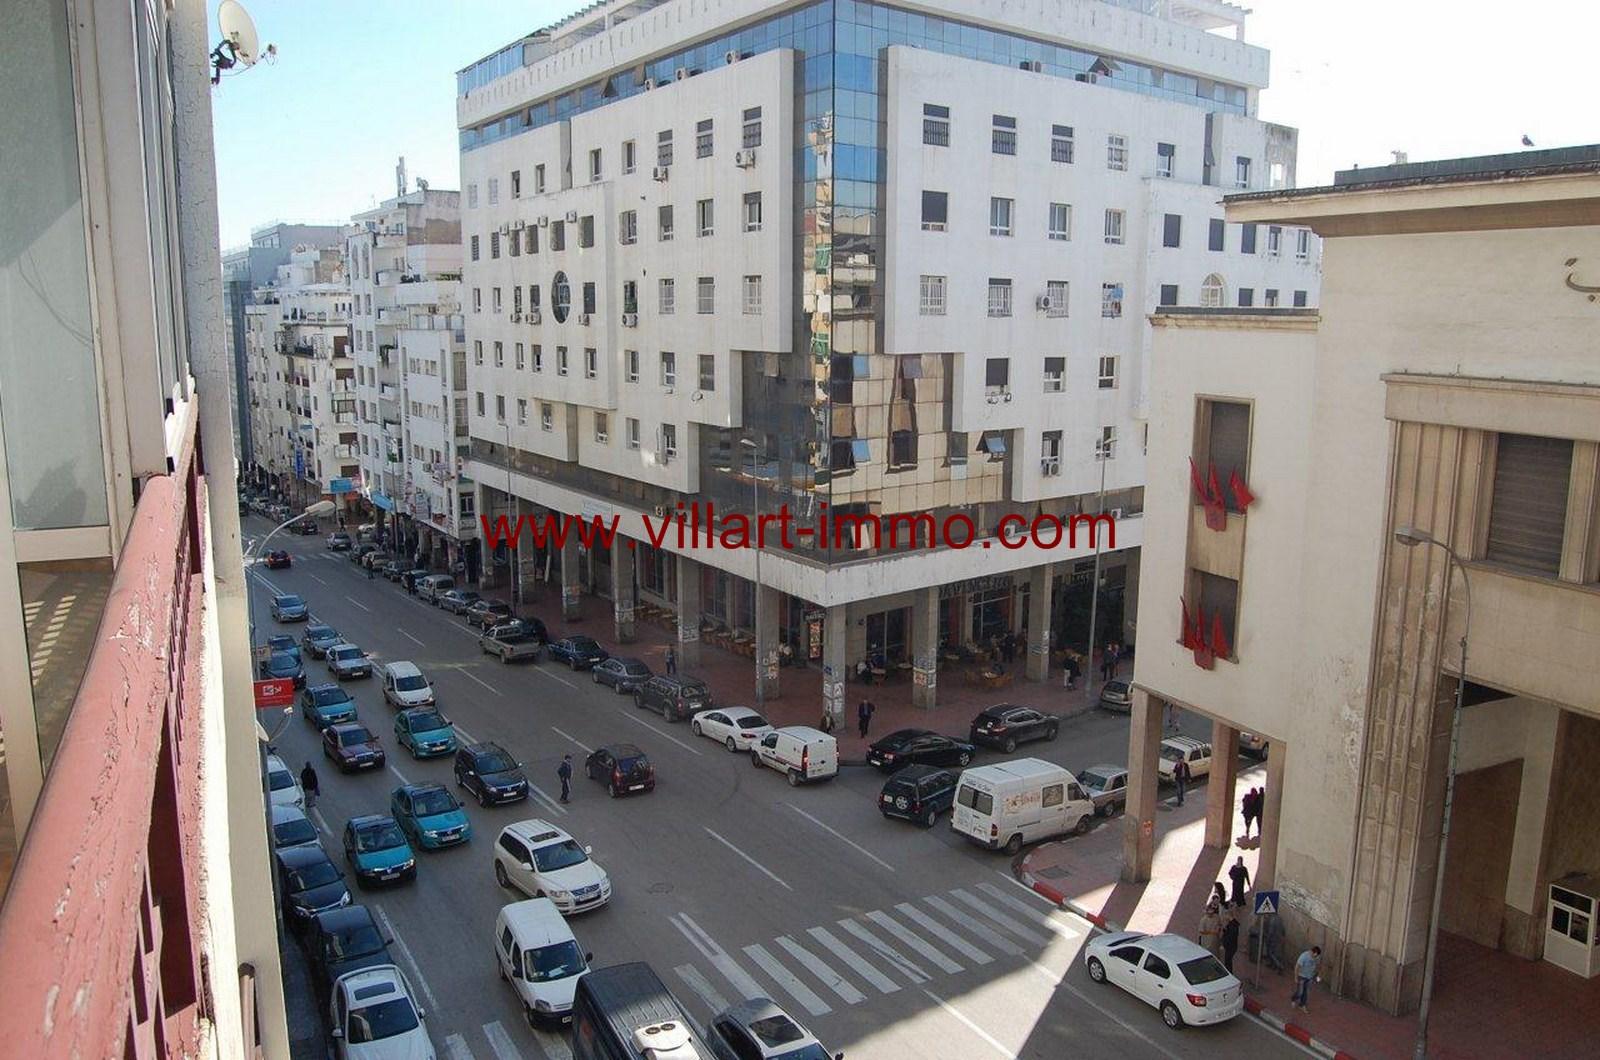 Appartement f3 vendre en plein centre ville de tanger - Appartement de ville hotelier vervoordt ...